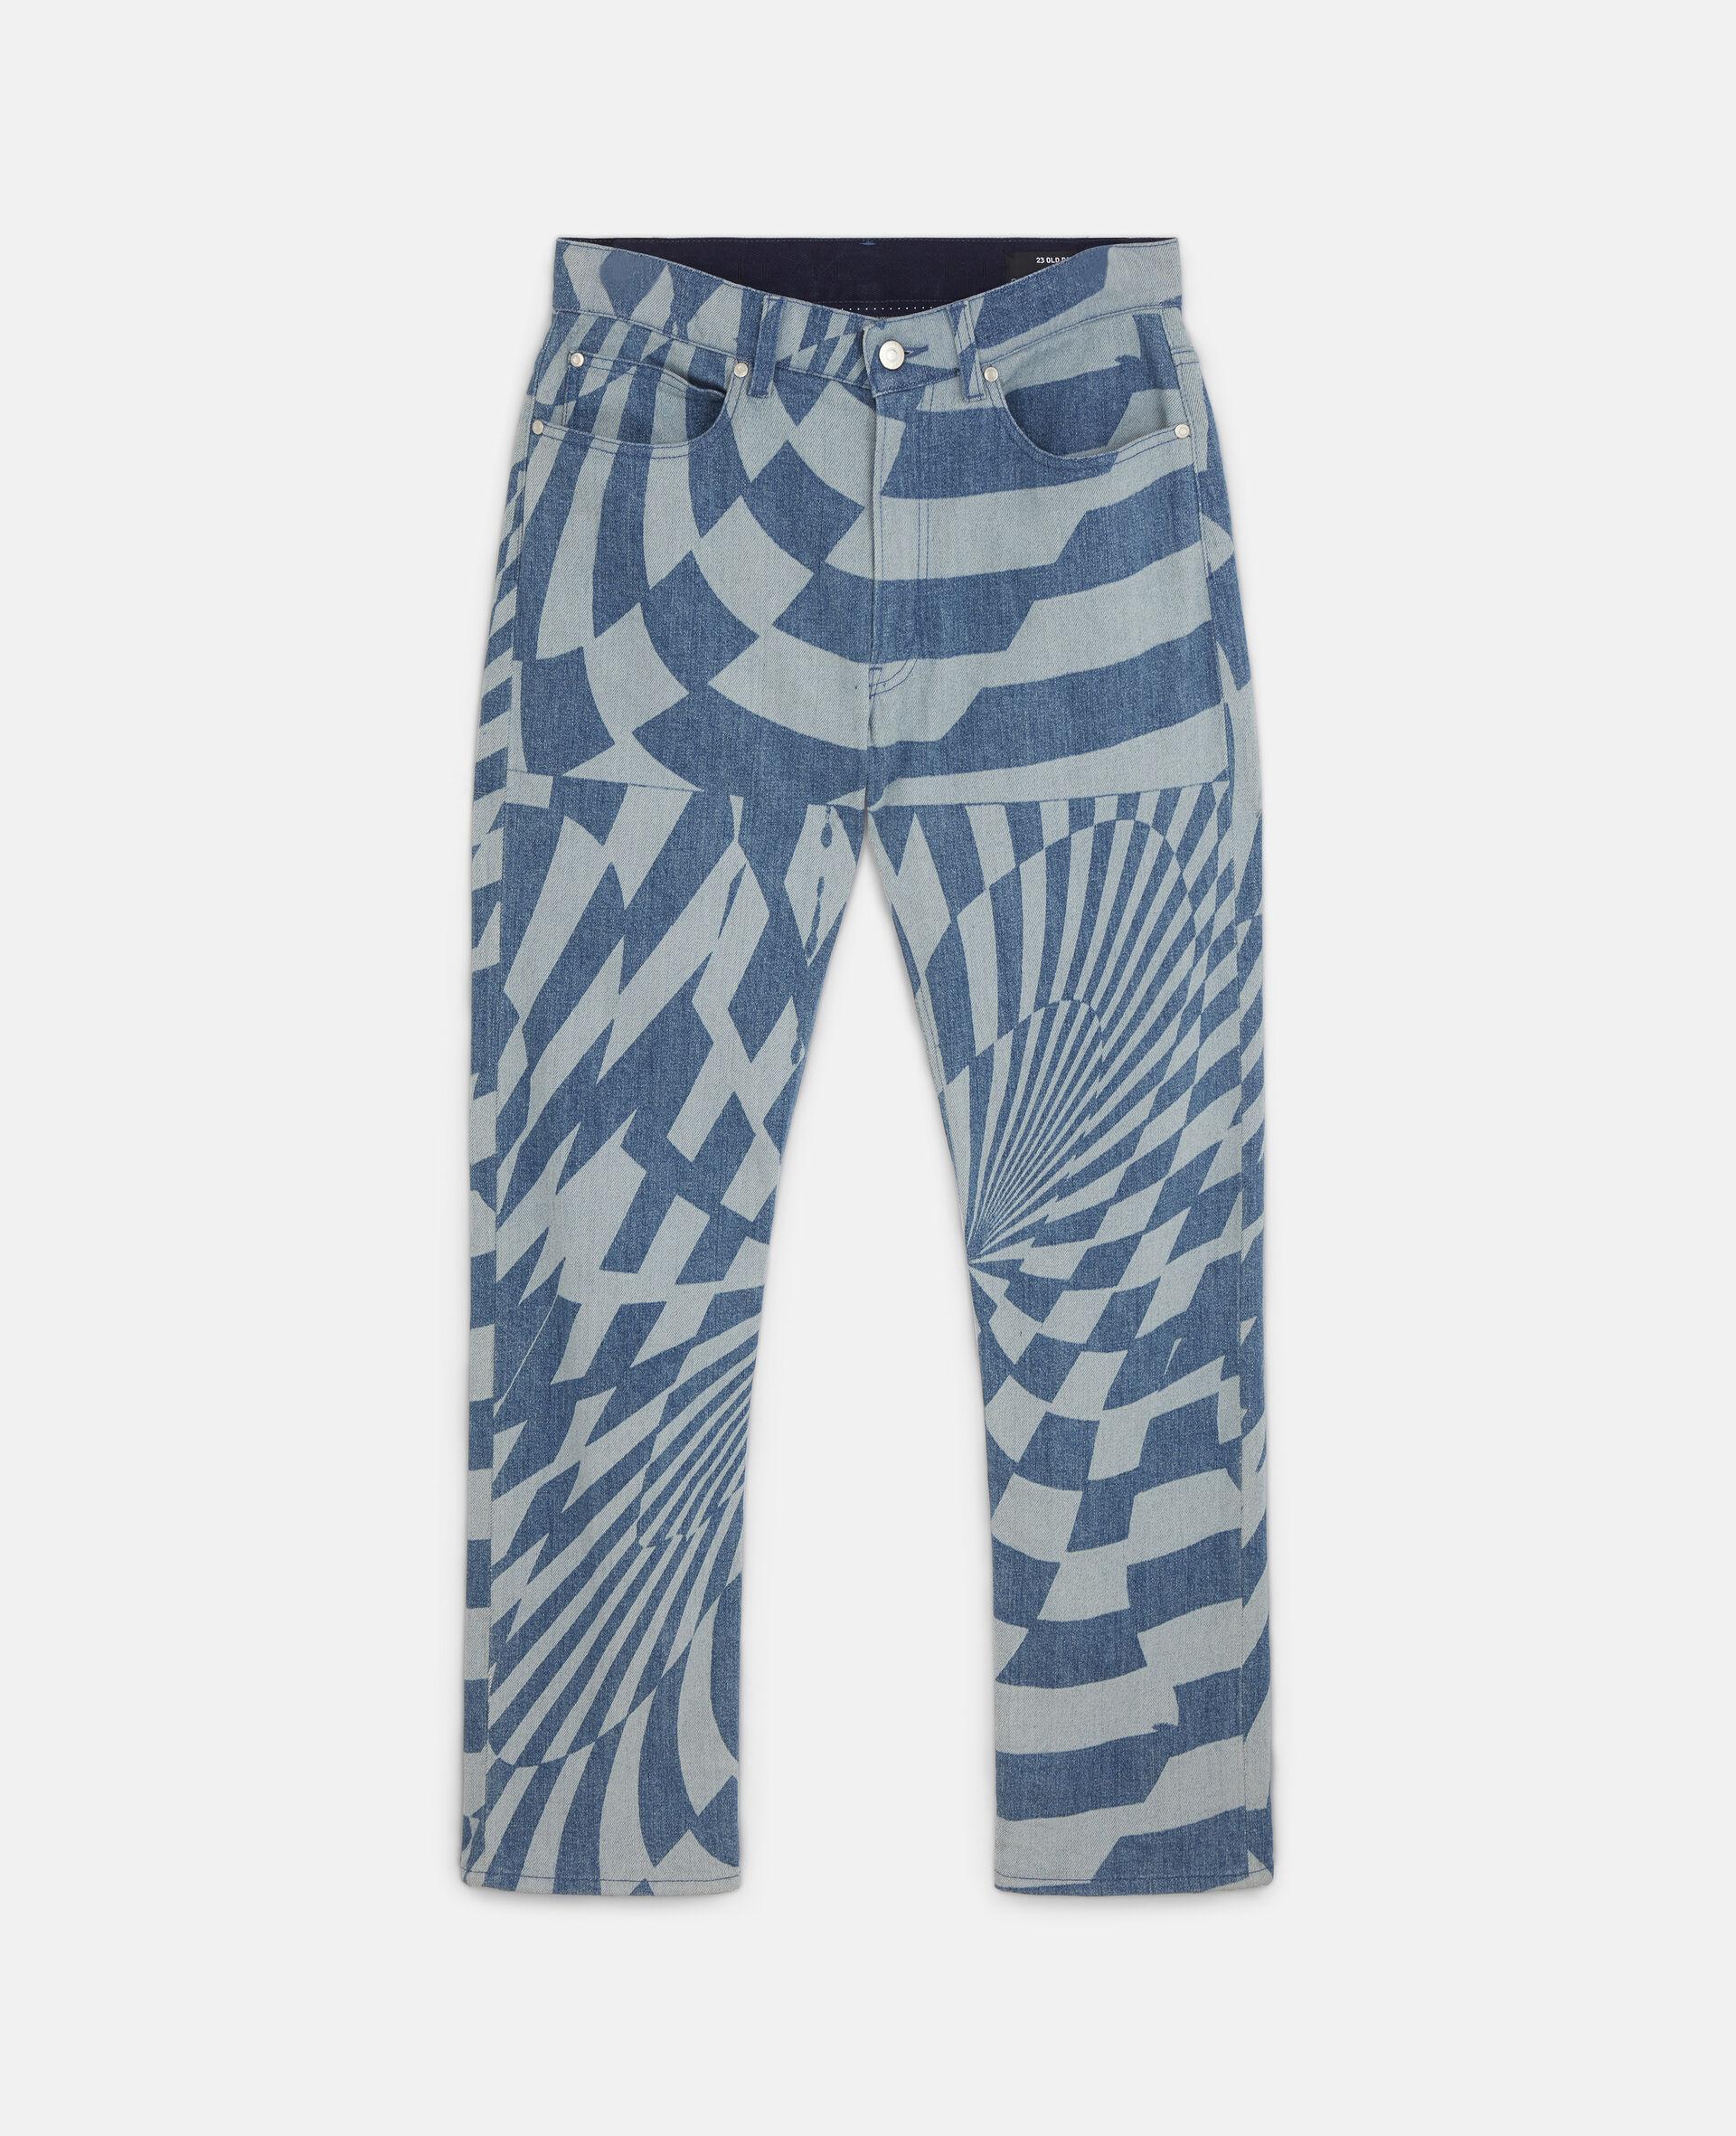 Jeans in Denim Psichedelici Ed Curtis-Blu-large image number 0